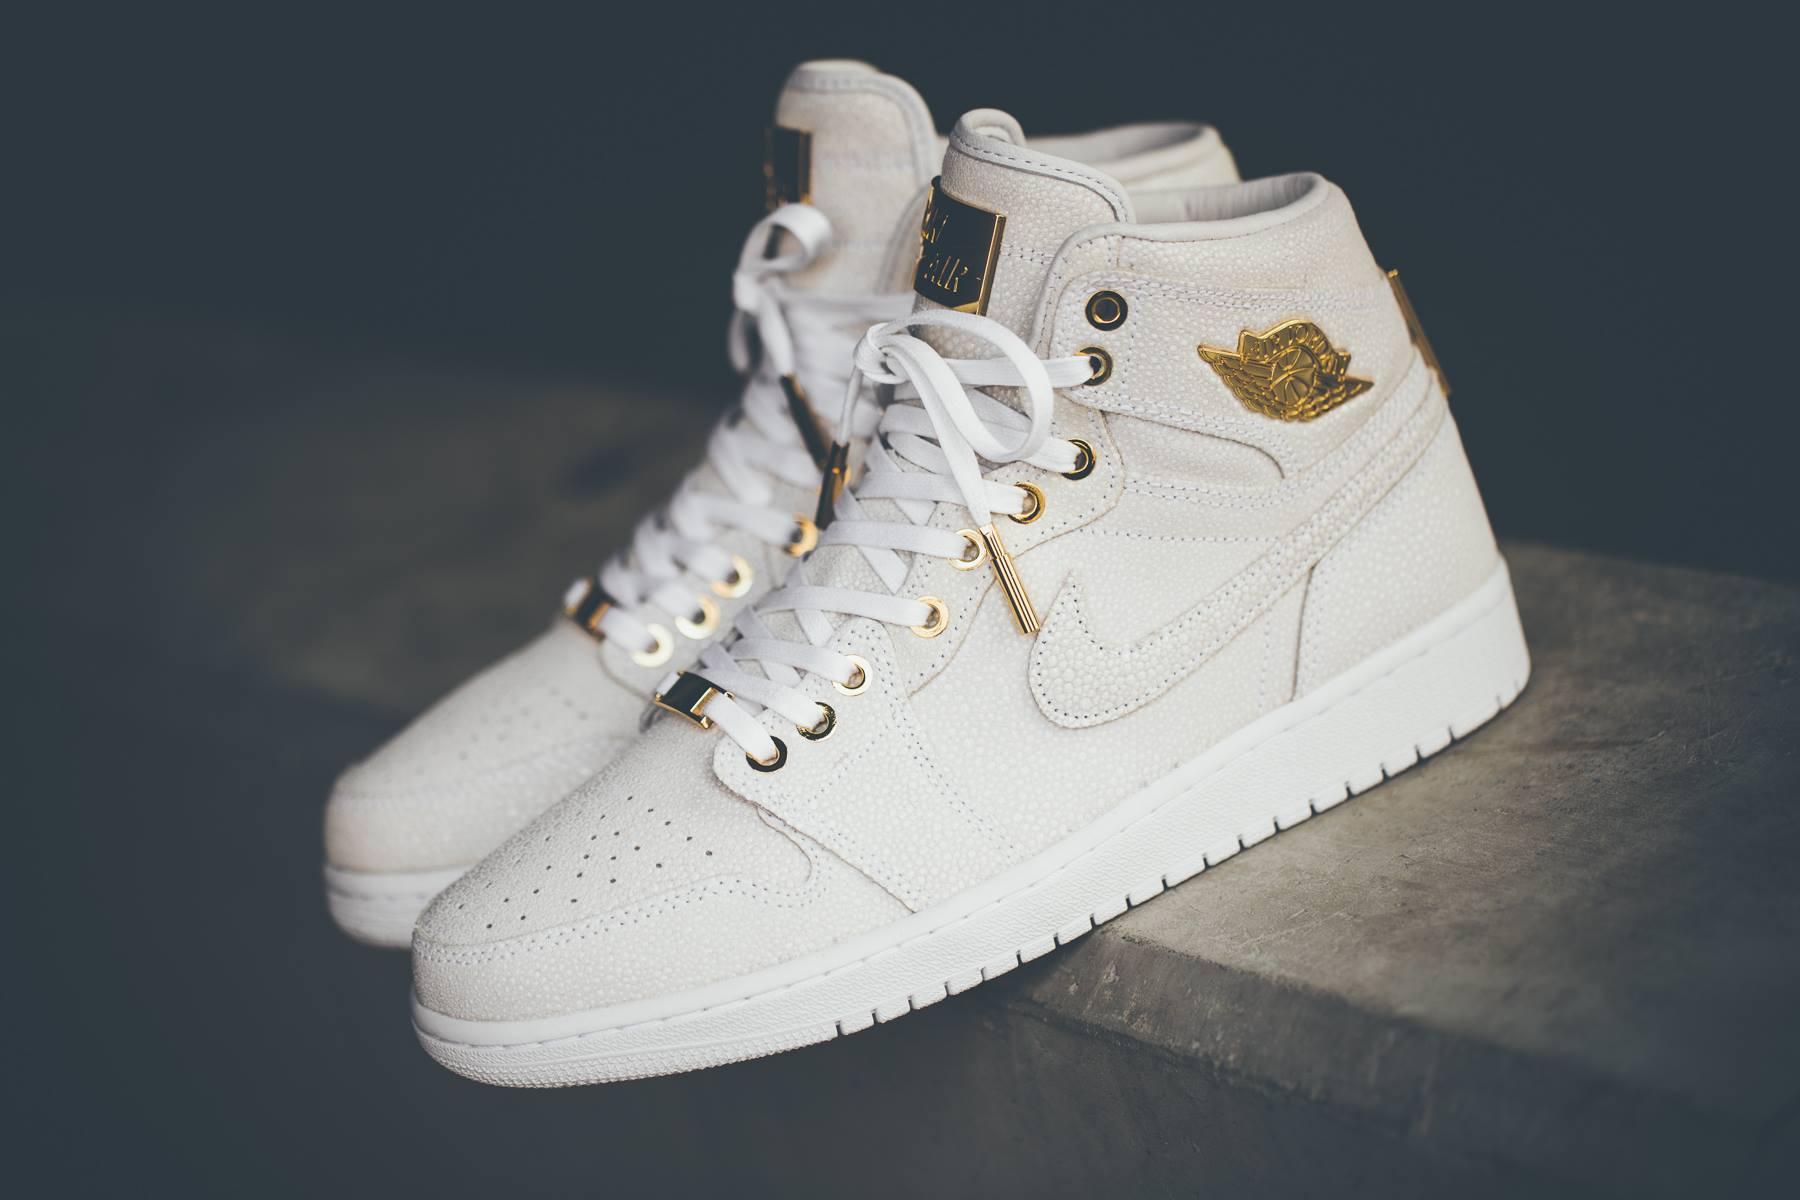 Jordans Weiß Gold